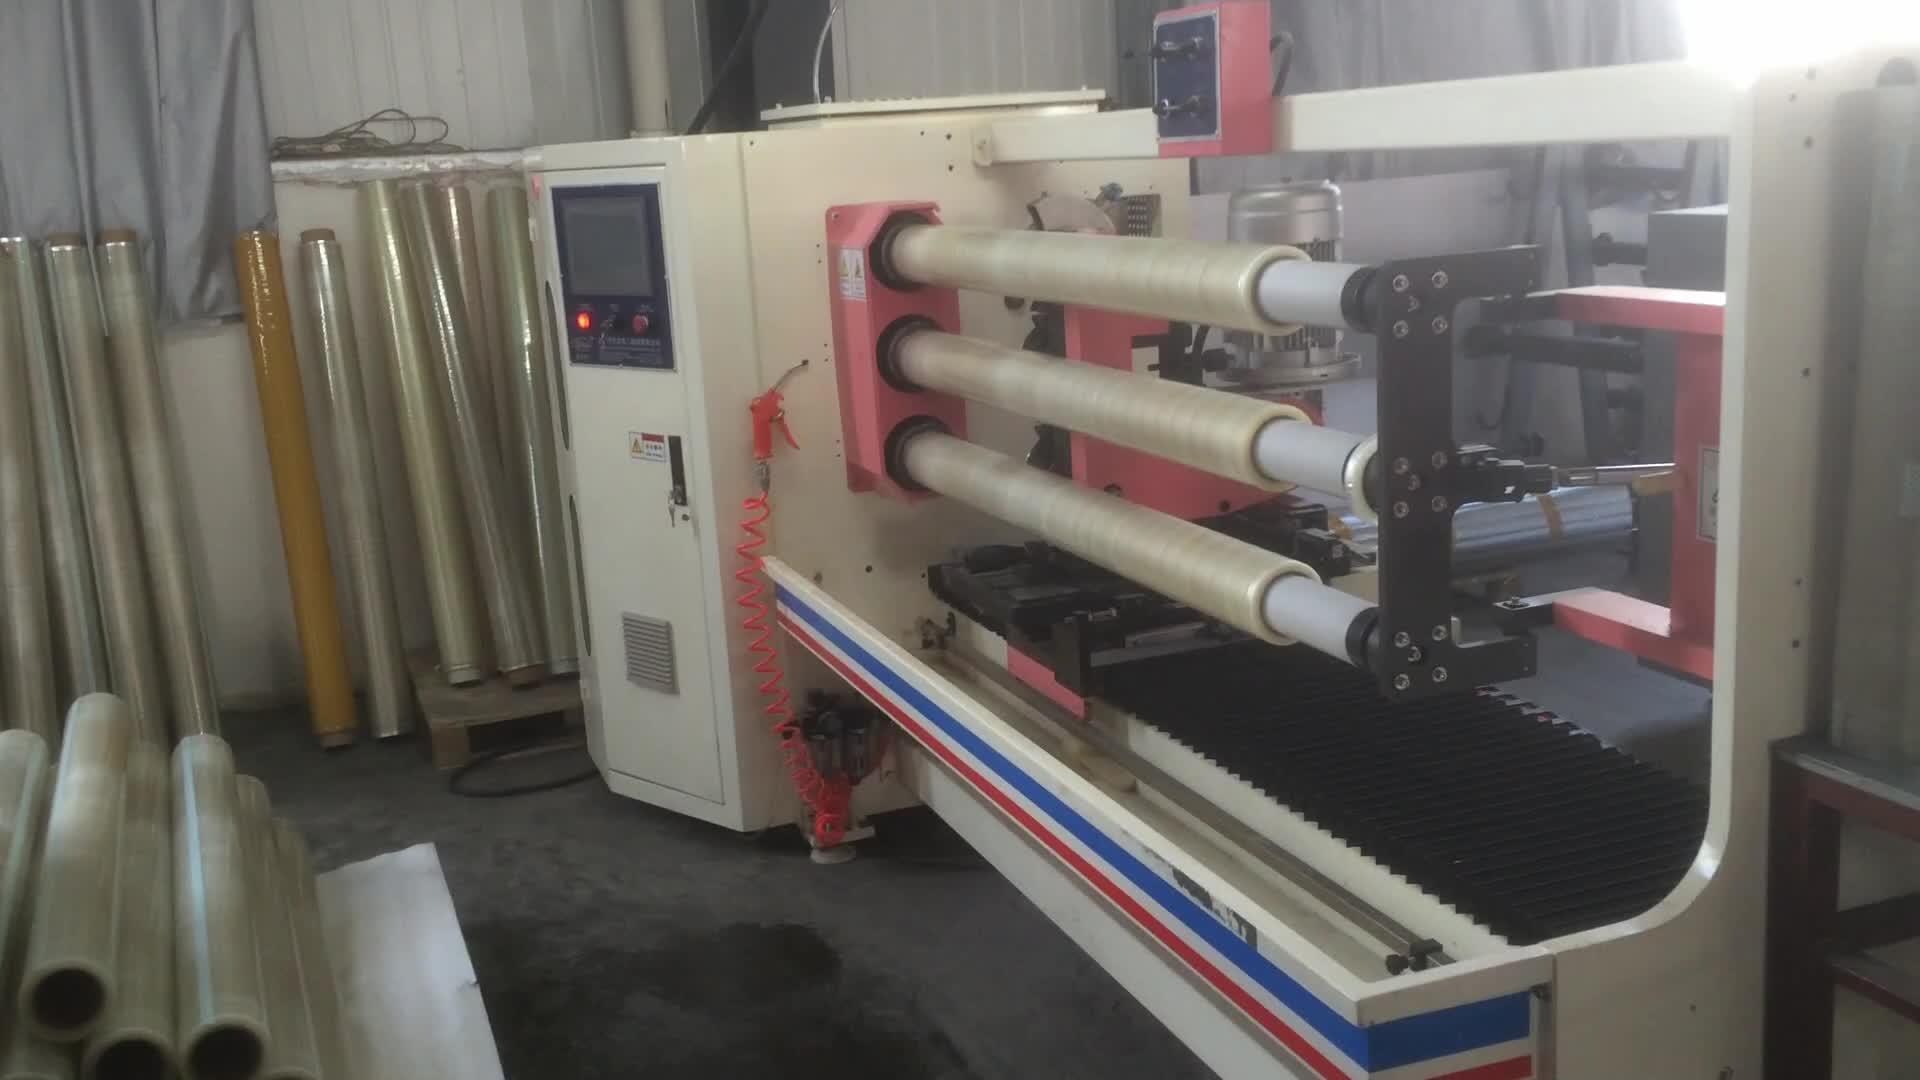 LY-708 BOPP चिपकने वाला फिल्म टेप slitting मशीन/चिपकने वाला टेप रोल कटर/पीई प्लास्टिक की फिल्म काटने की मशीन